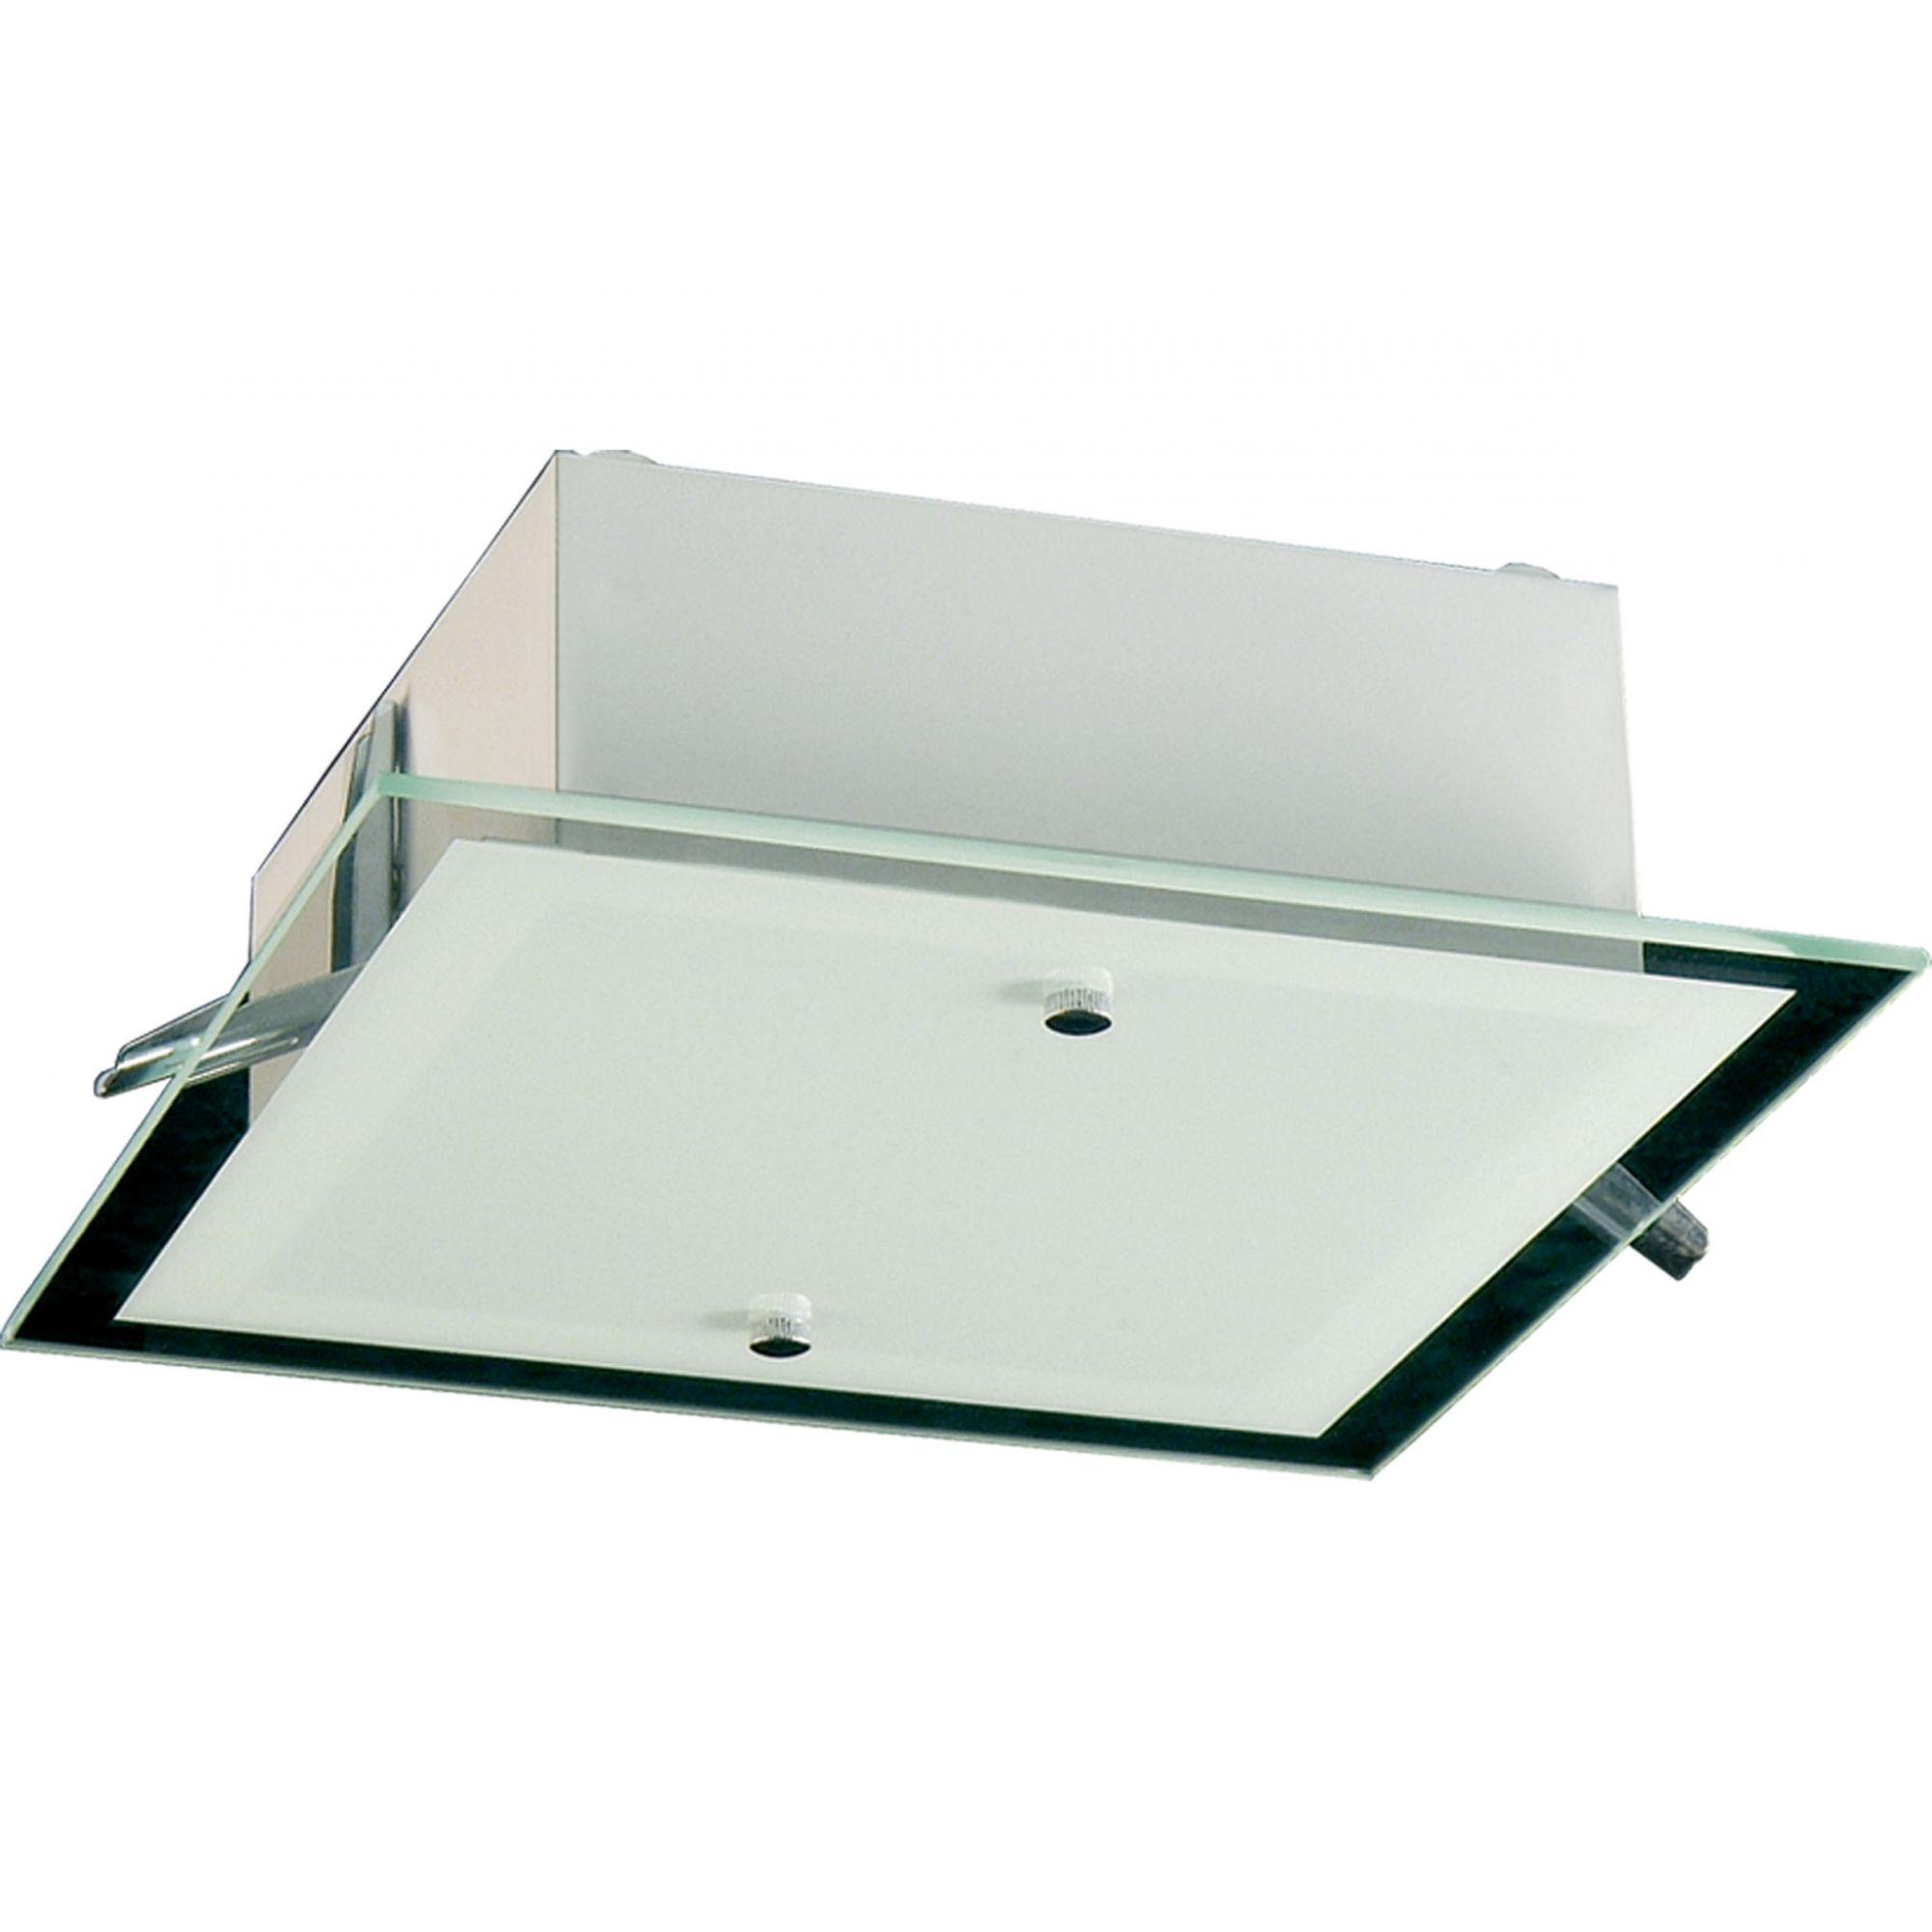 Plafon Embutir e Sobrepor Quadrado 23cm 1 Lâmp Vidro Madelustre